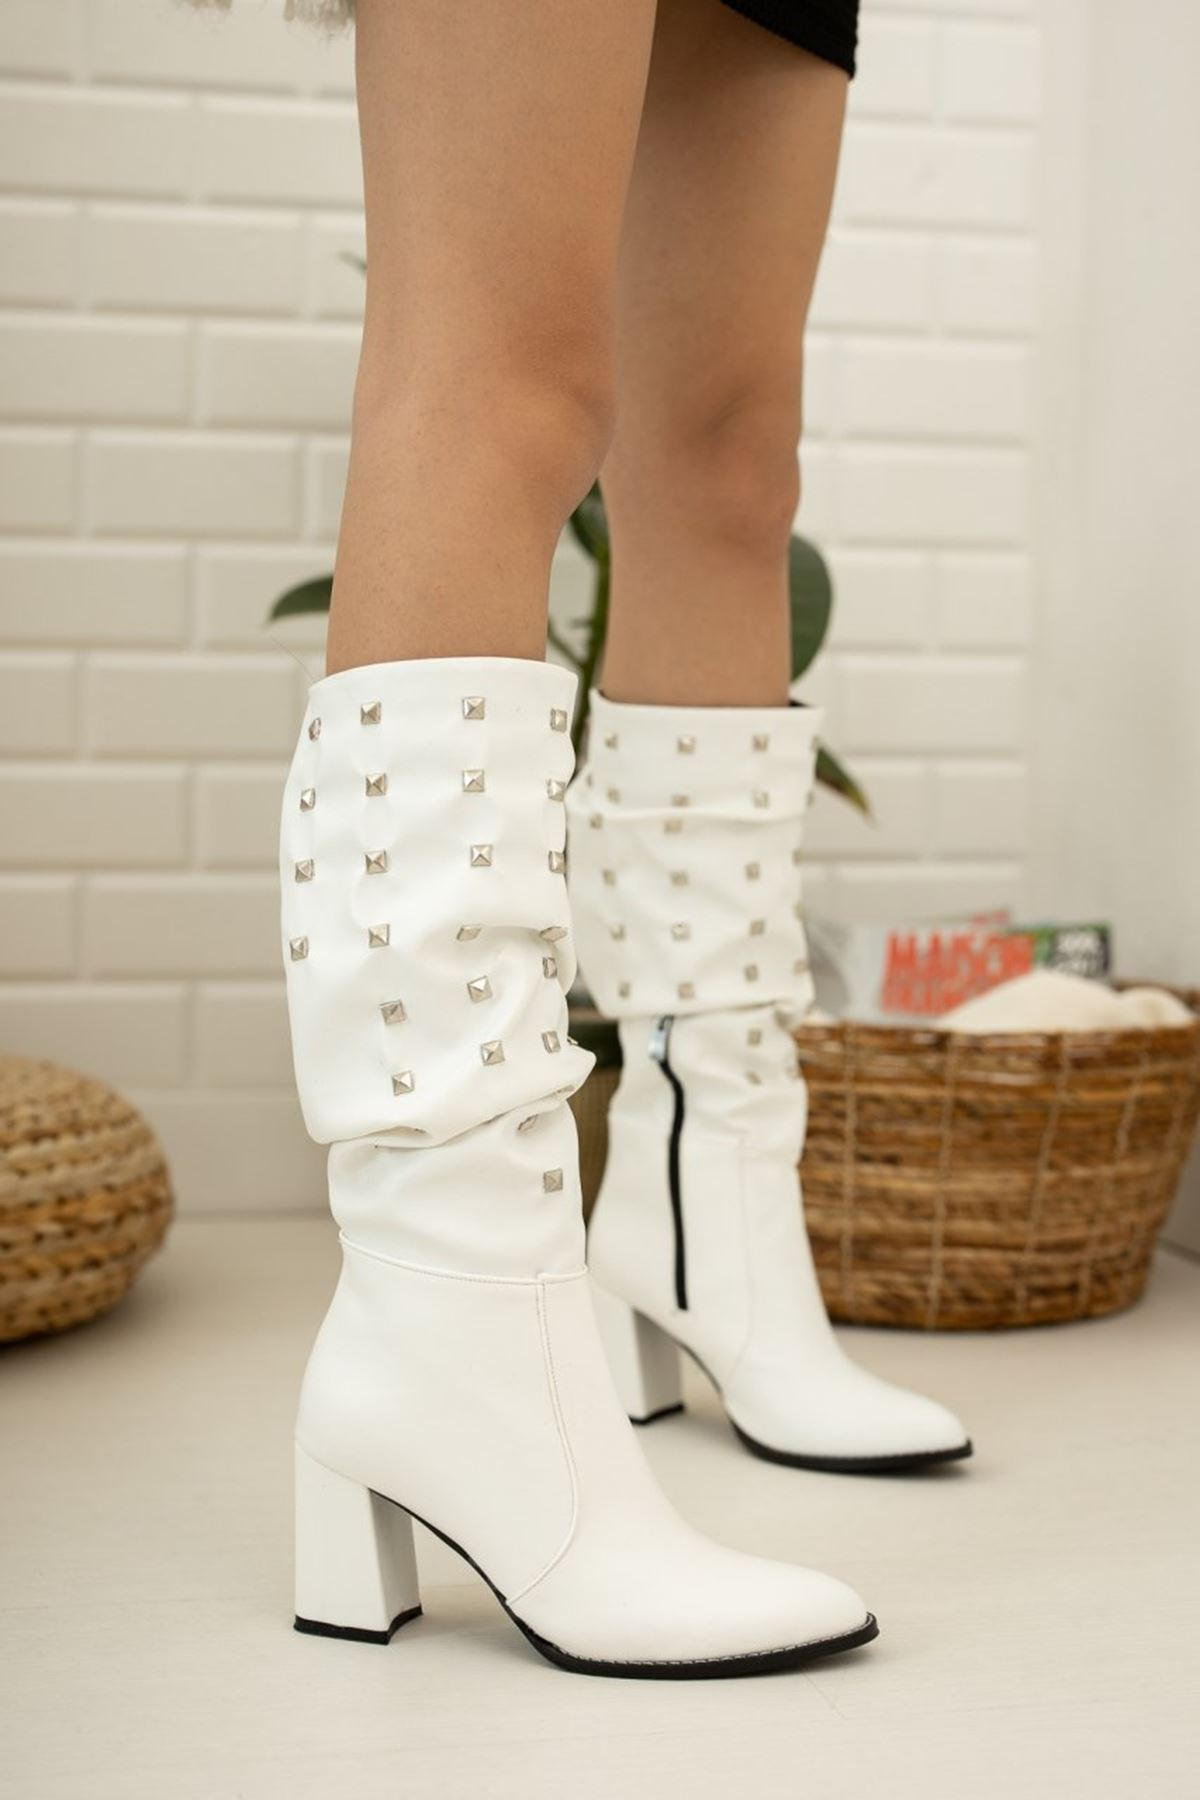 Kadın Bise Troklu Diz Altı Mat Deri Beyaz Çizme